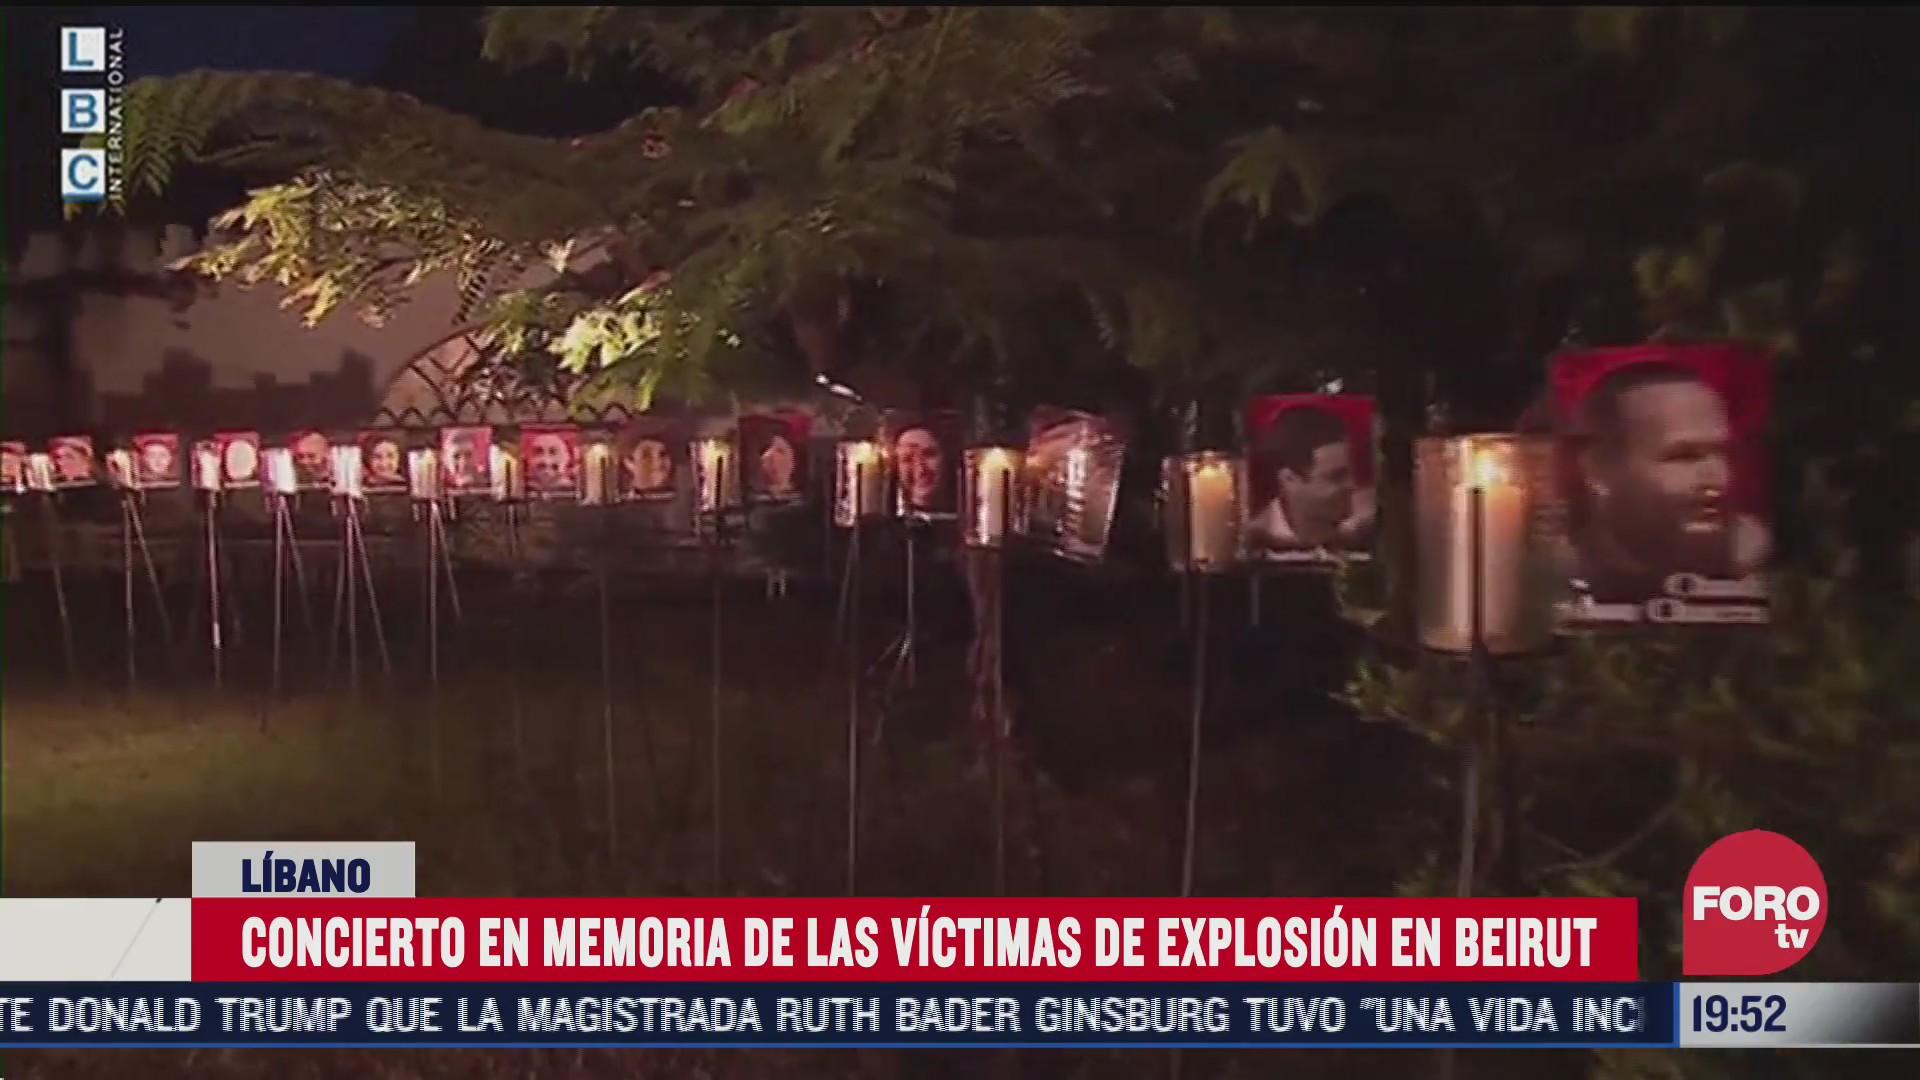 realizan concierto en memoria de victimas por explosion en beirut